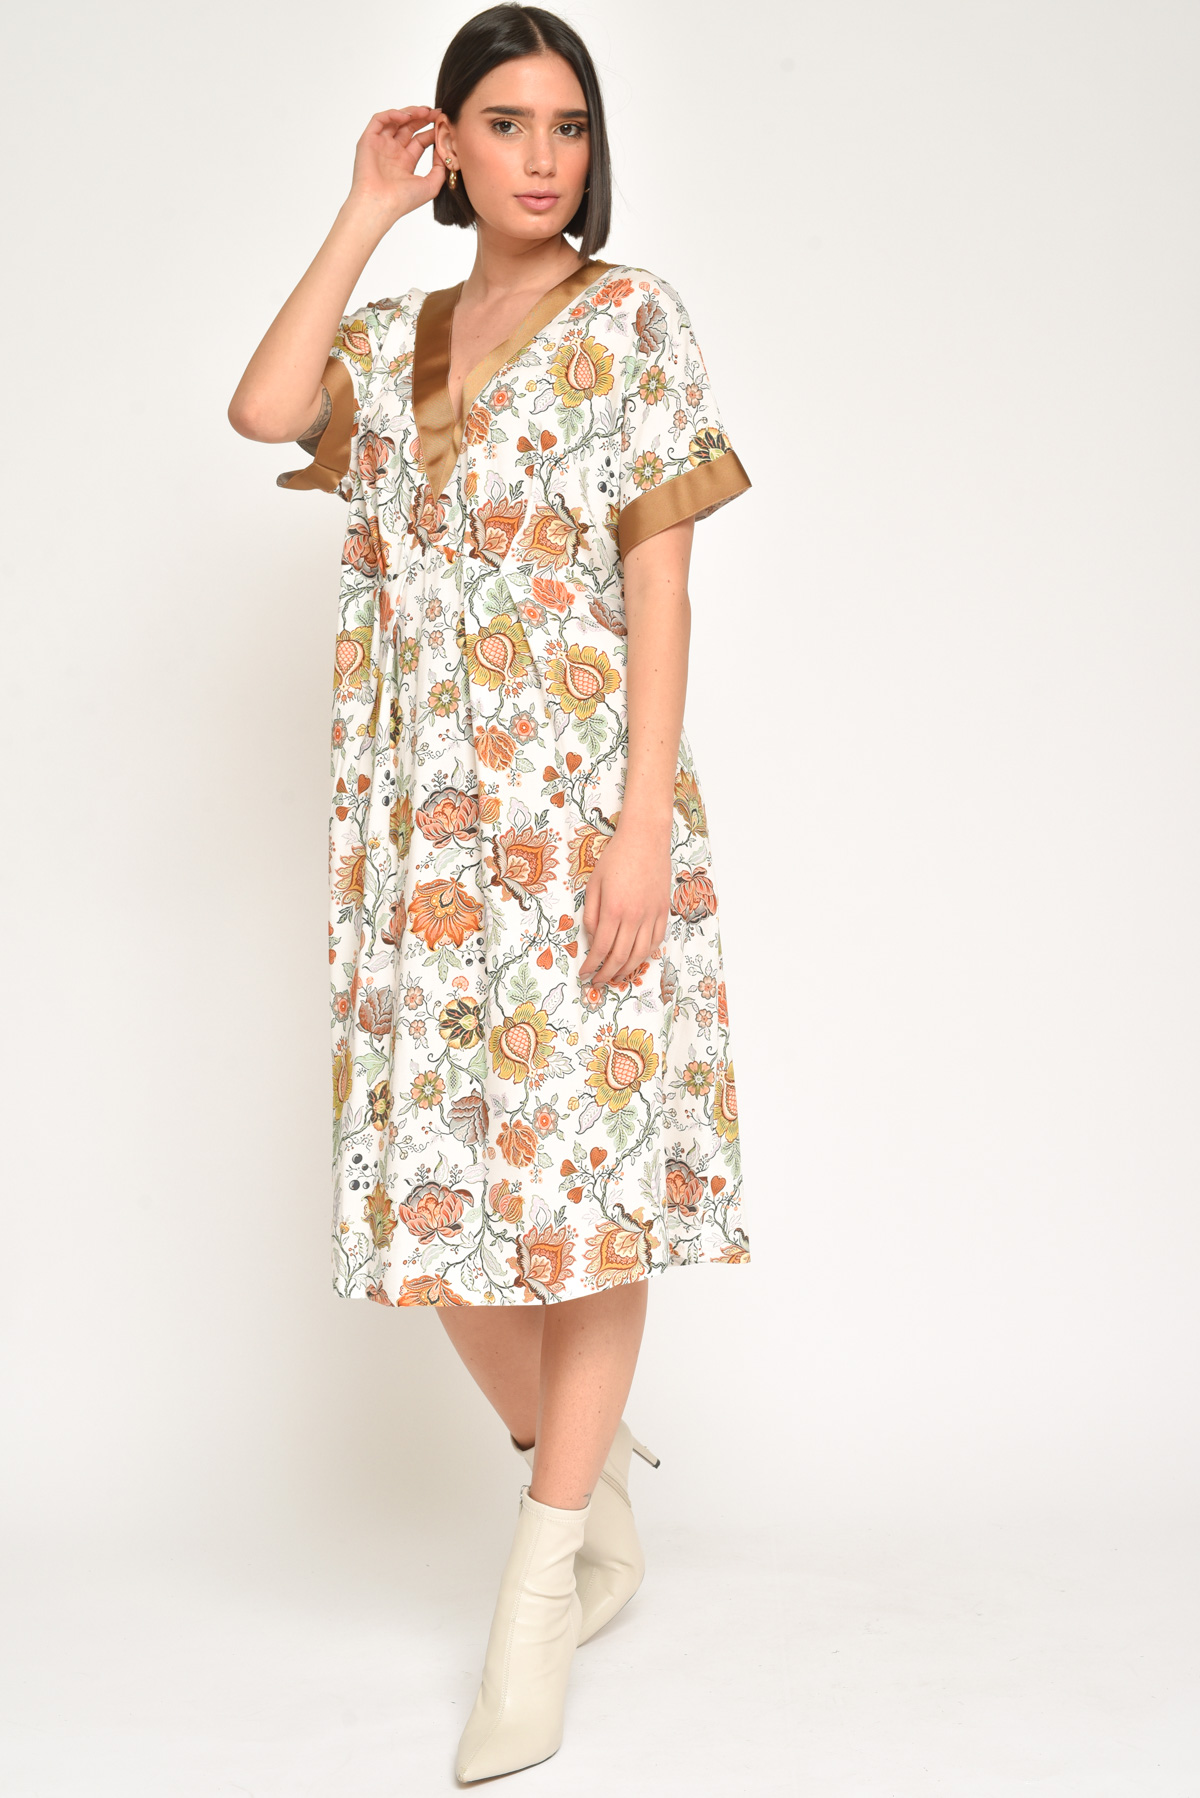 ABITO A TRAPEZIO 100% VISCOSA  da donna - BIANCO - Paquito Pronto Moda Shop Online